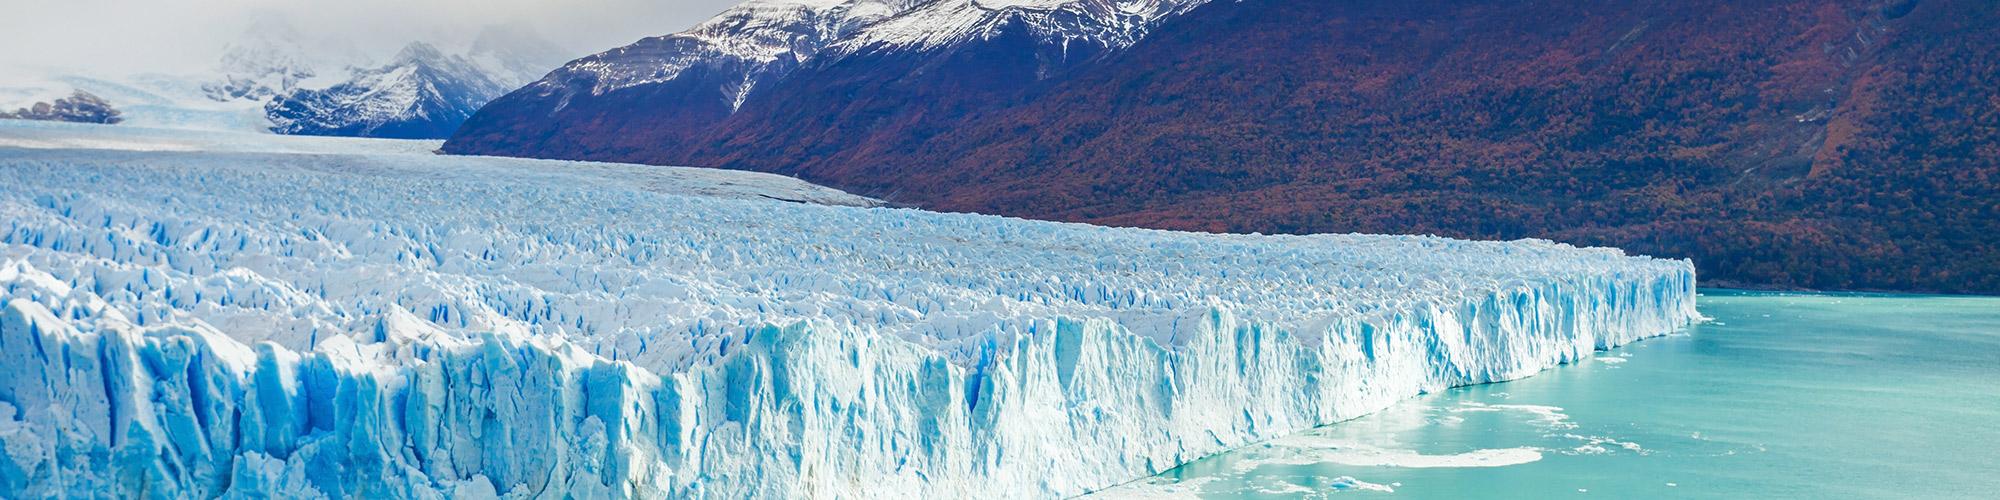 El glaciar Perito Moreno - El Pais Viajes